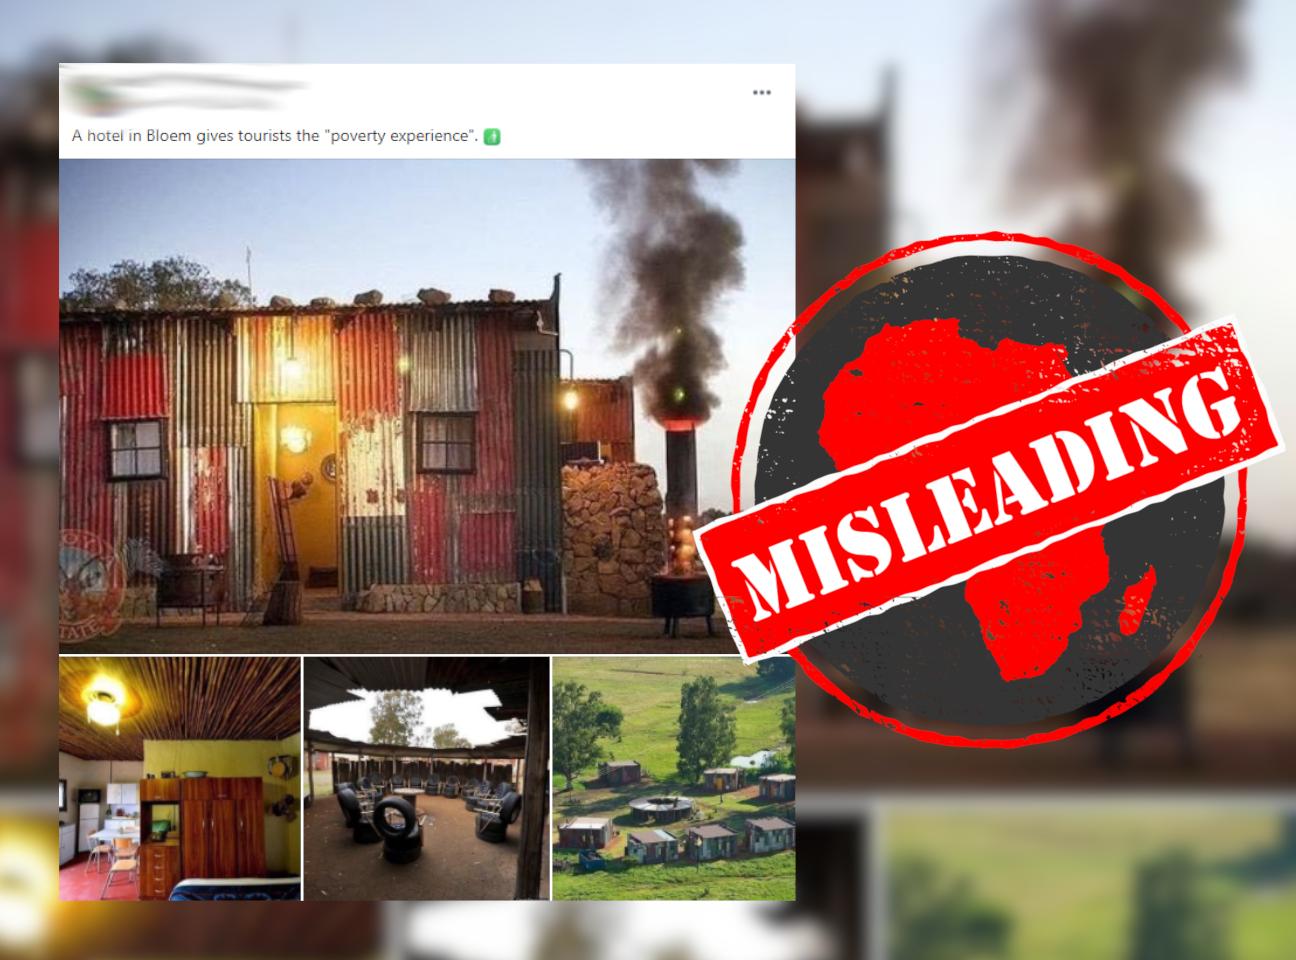 Shantytown_Misleading